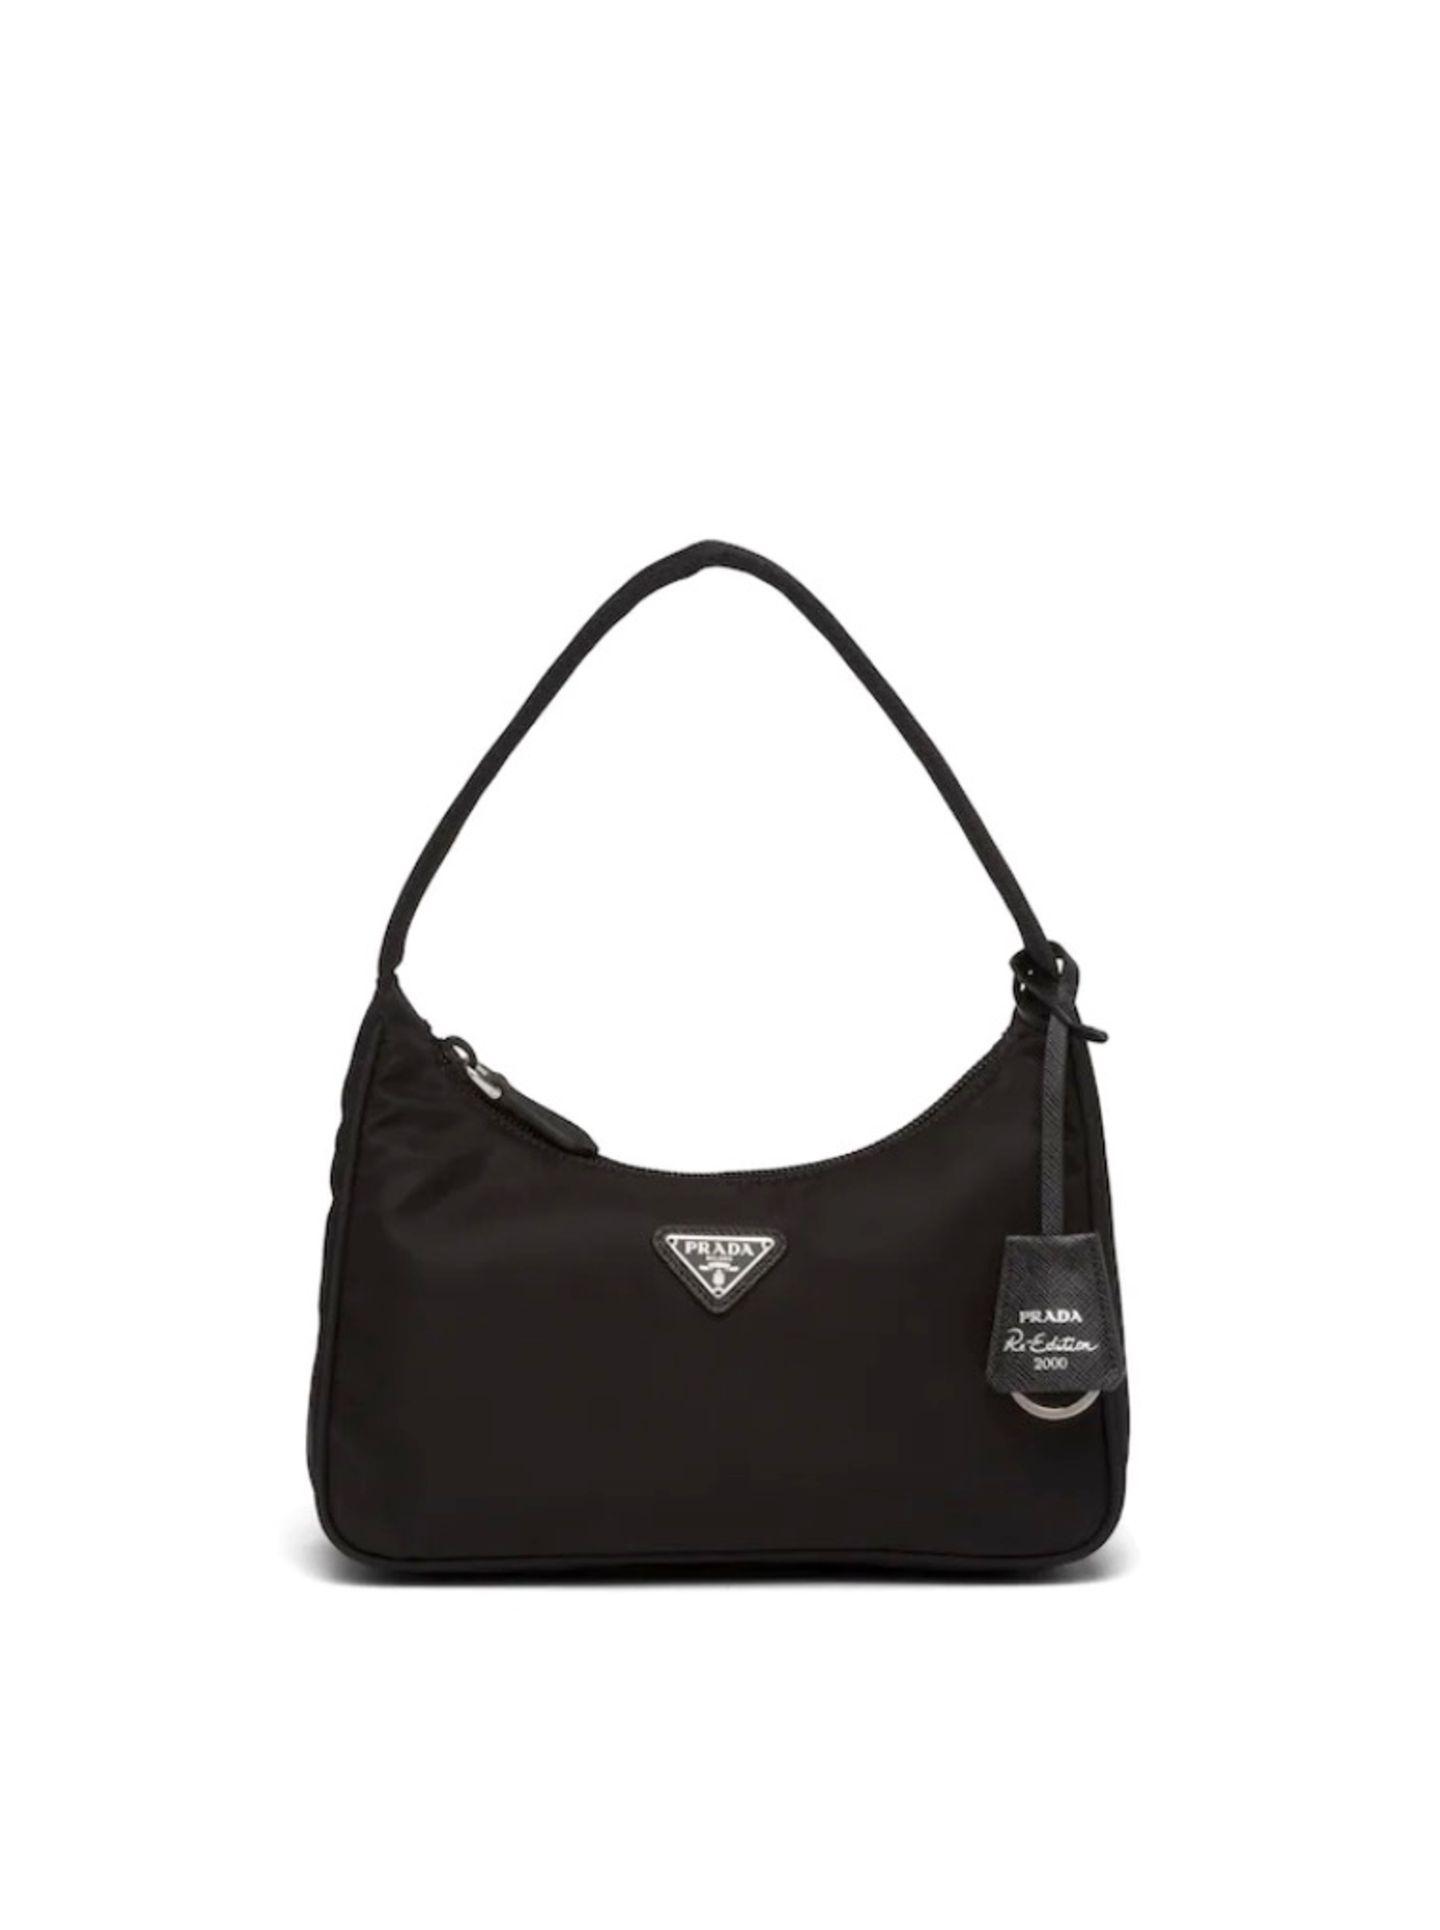 """Ein Tasche, die bereits zum zweiten Mal zum Trend-Piece avanciert ist die Nylon Bag von Prada. Bereits 2005 trugen Fashionistas dieses Exemplar hoch und runter, und nun sehen wir sie erneut am Modehimmel aufsteigen. """"Re-edition 2005 Nylon Bag"""" von Prada, kostet ca. 590 Euro."""